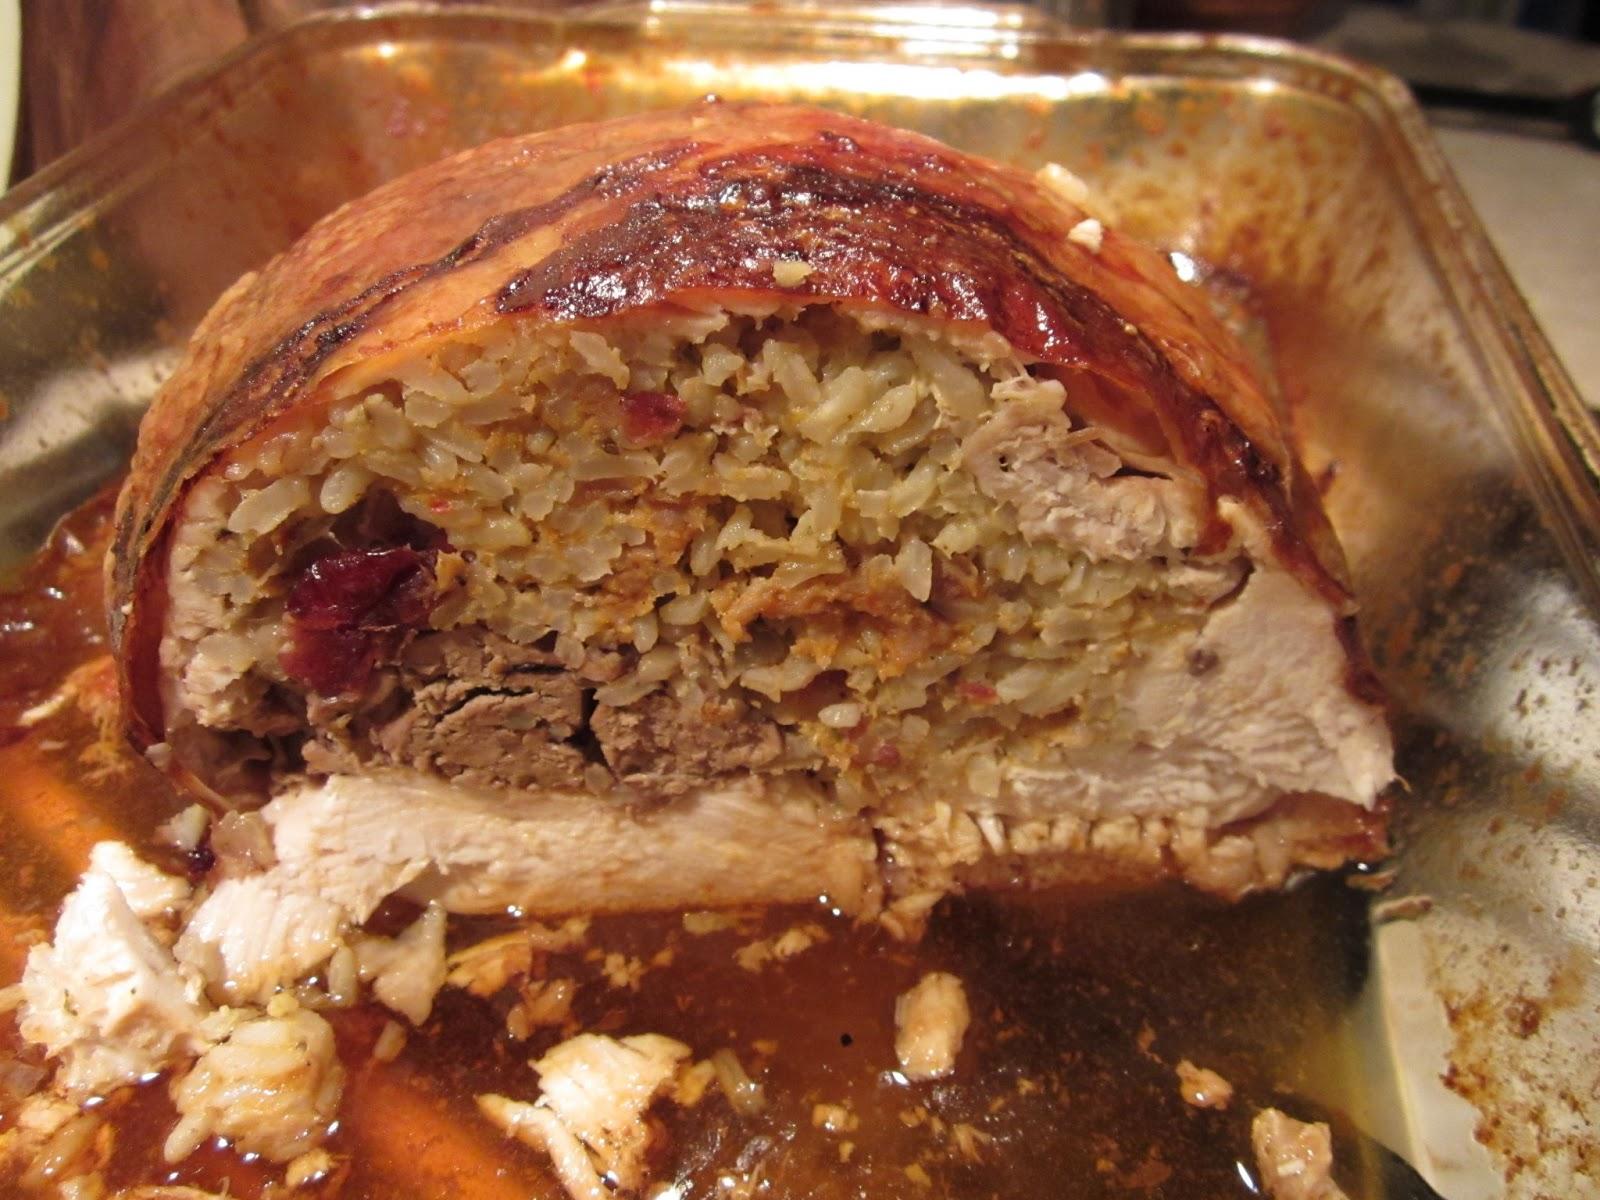 Anecdotes de cuisine comment surprendre un poulet avec succ s puis le d sosser compl tement - Comment cuisiner un reste de poulet ...